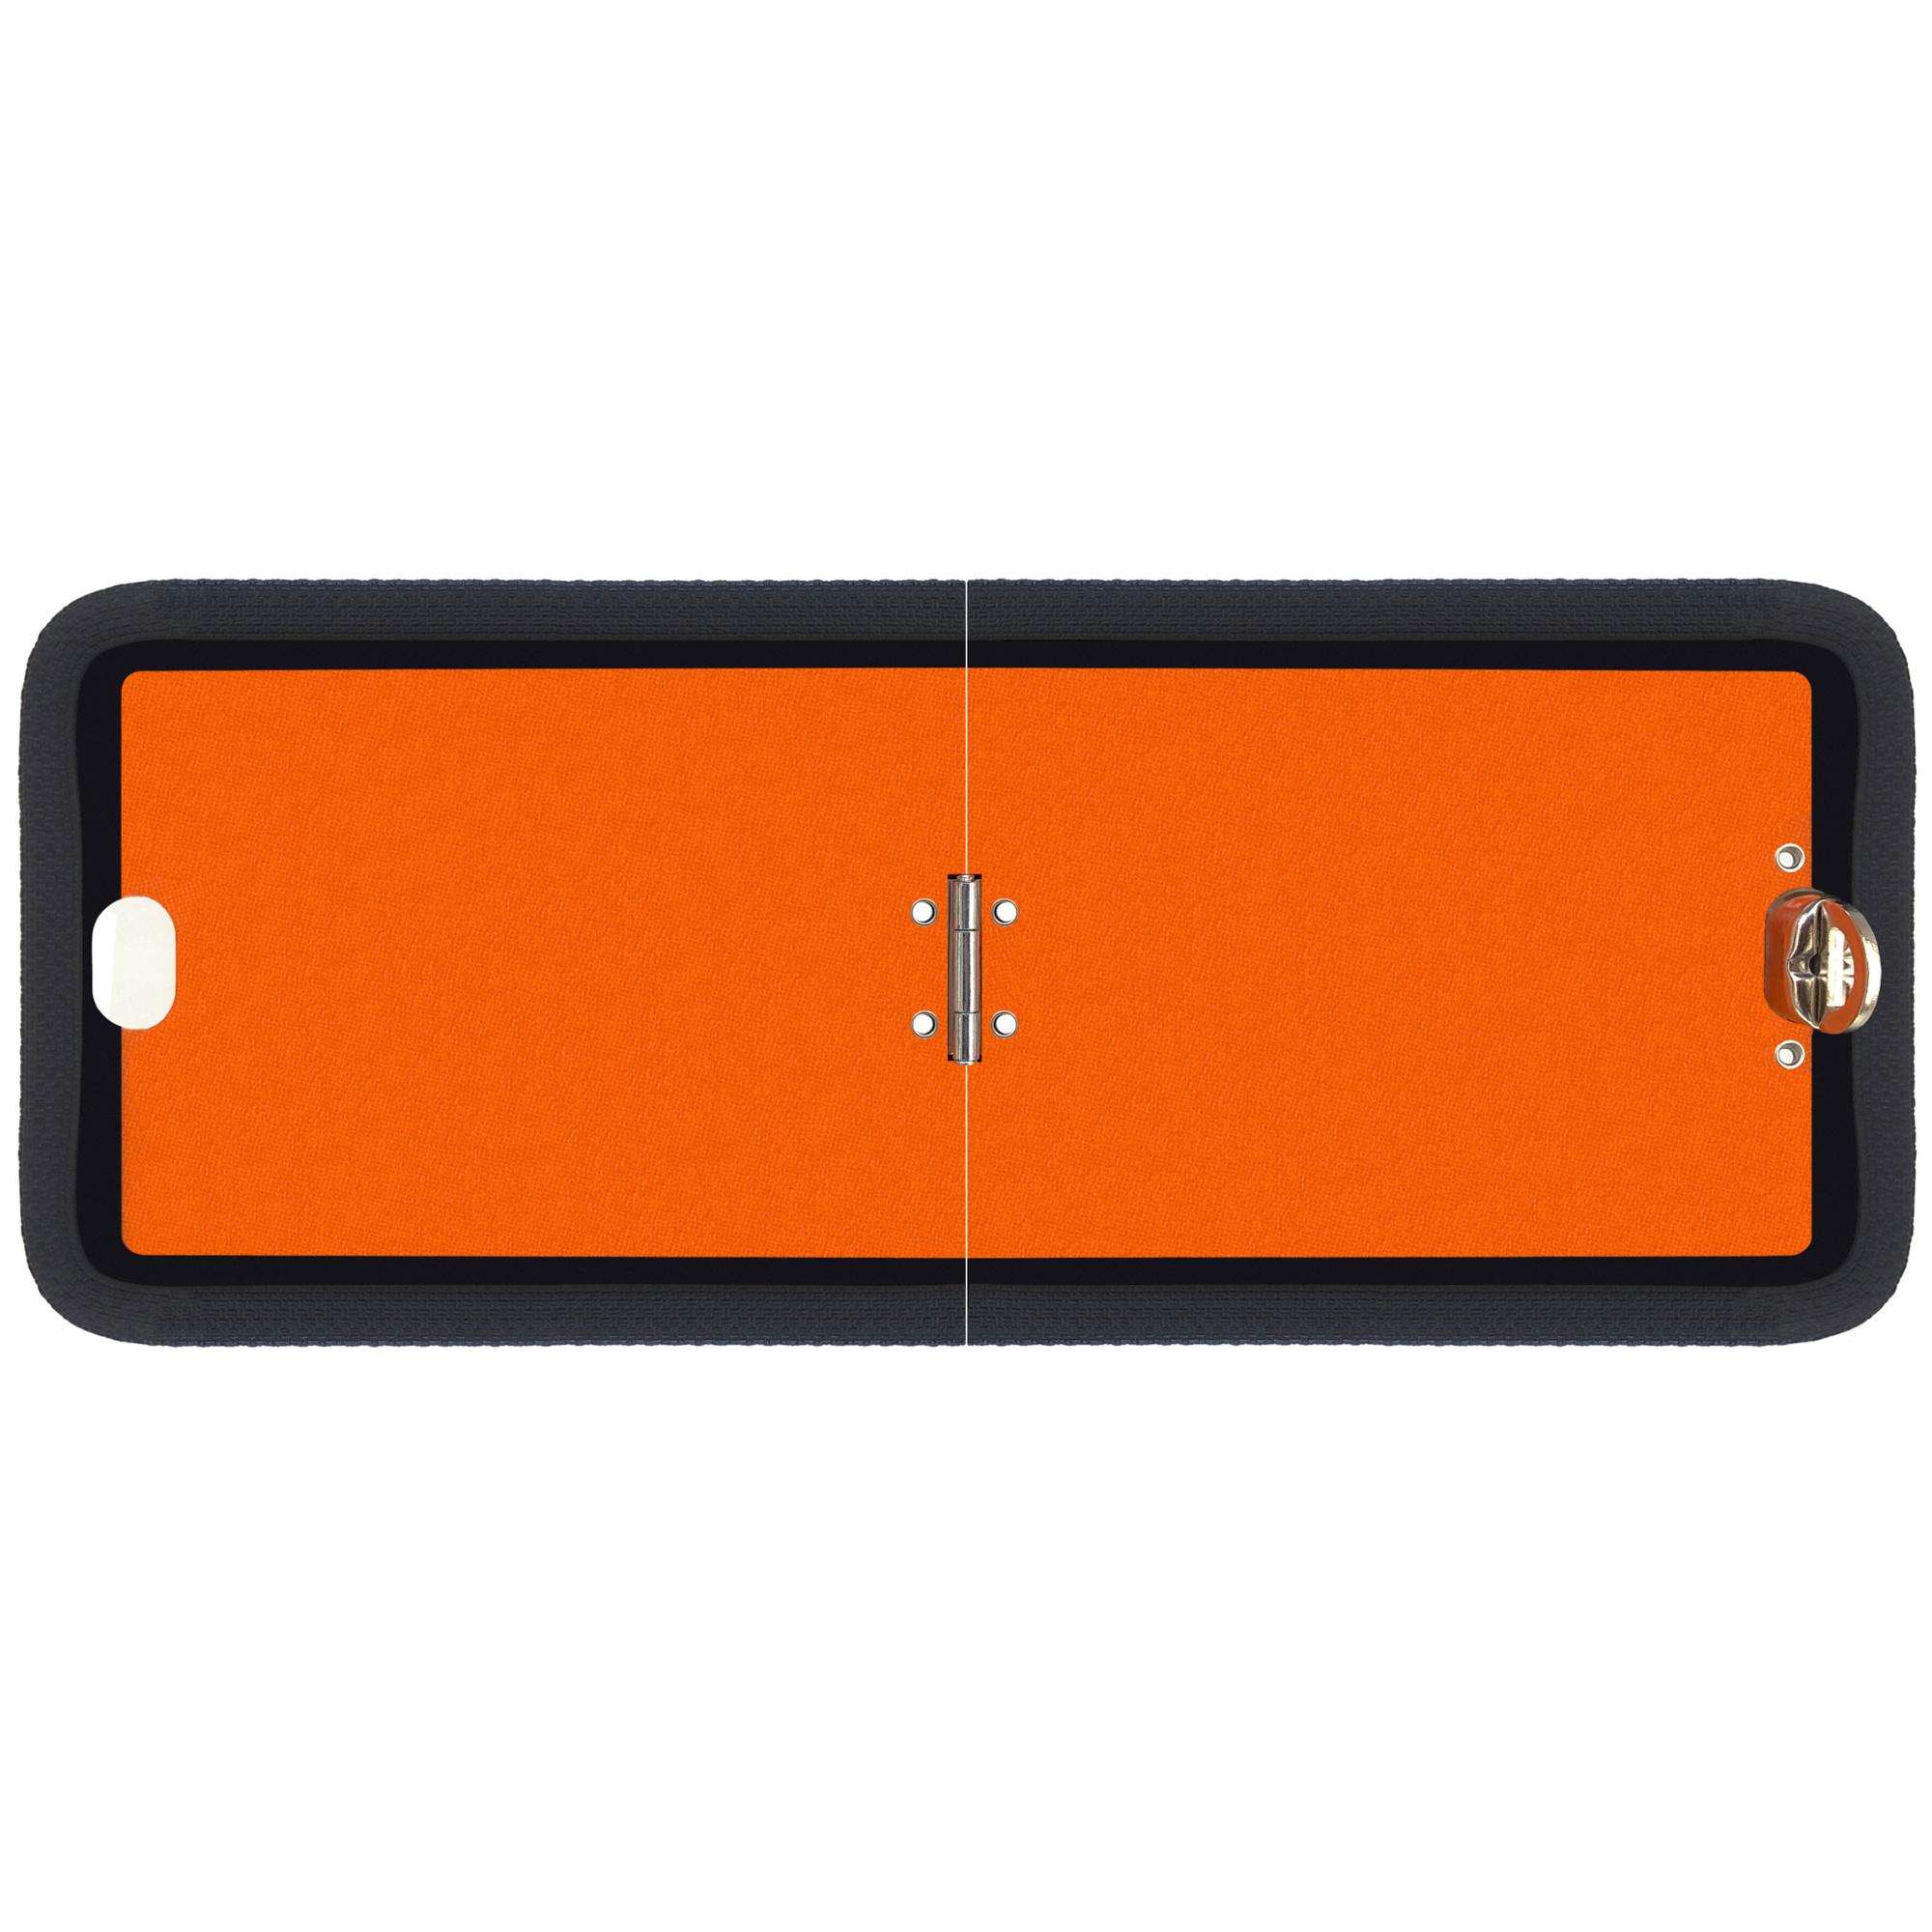 Warntafel orange Gefahrgut 300x120 klappbar